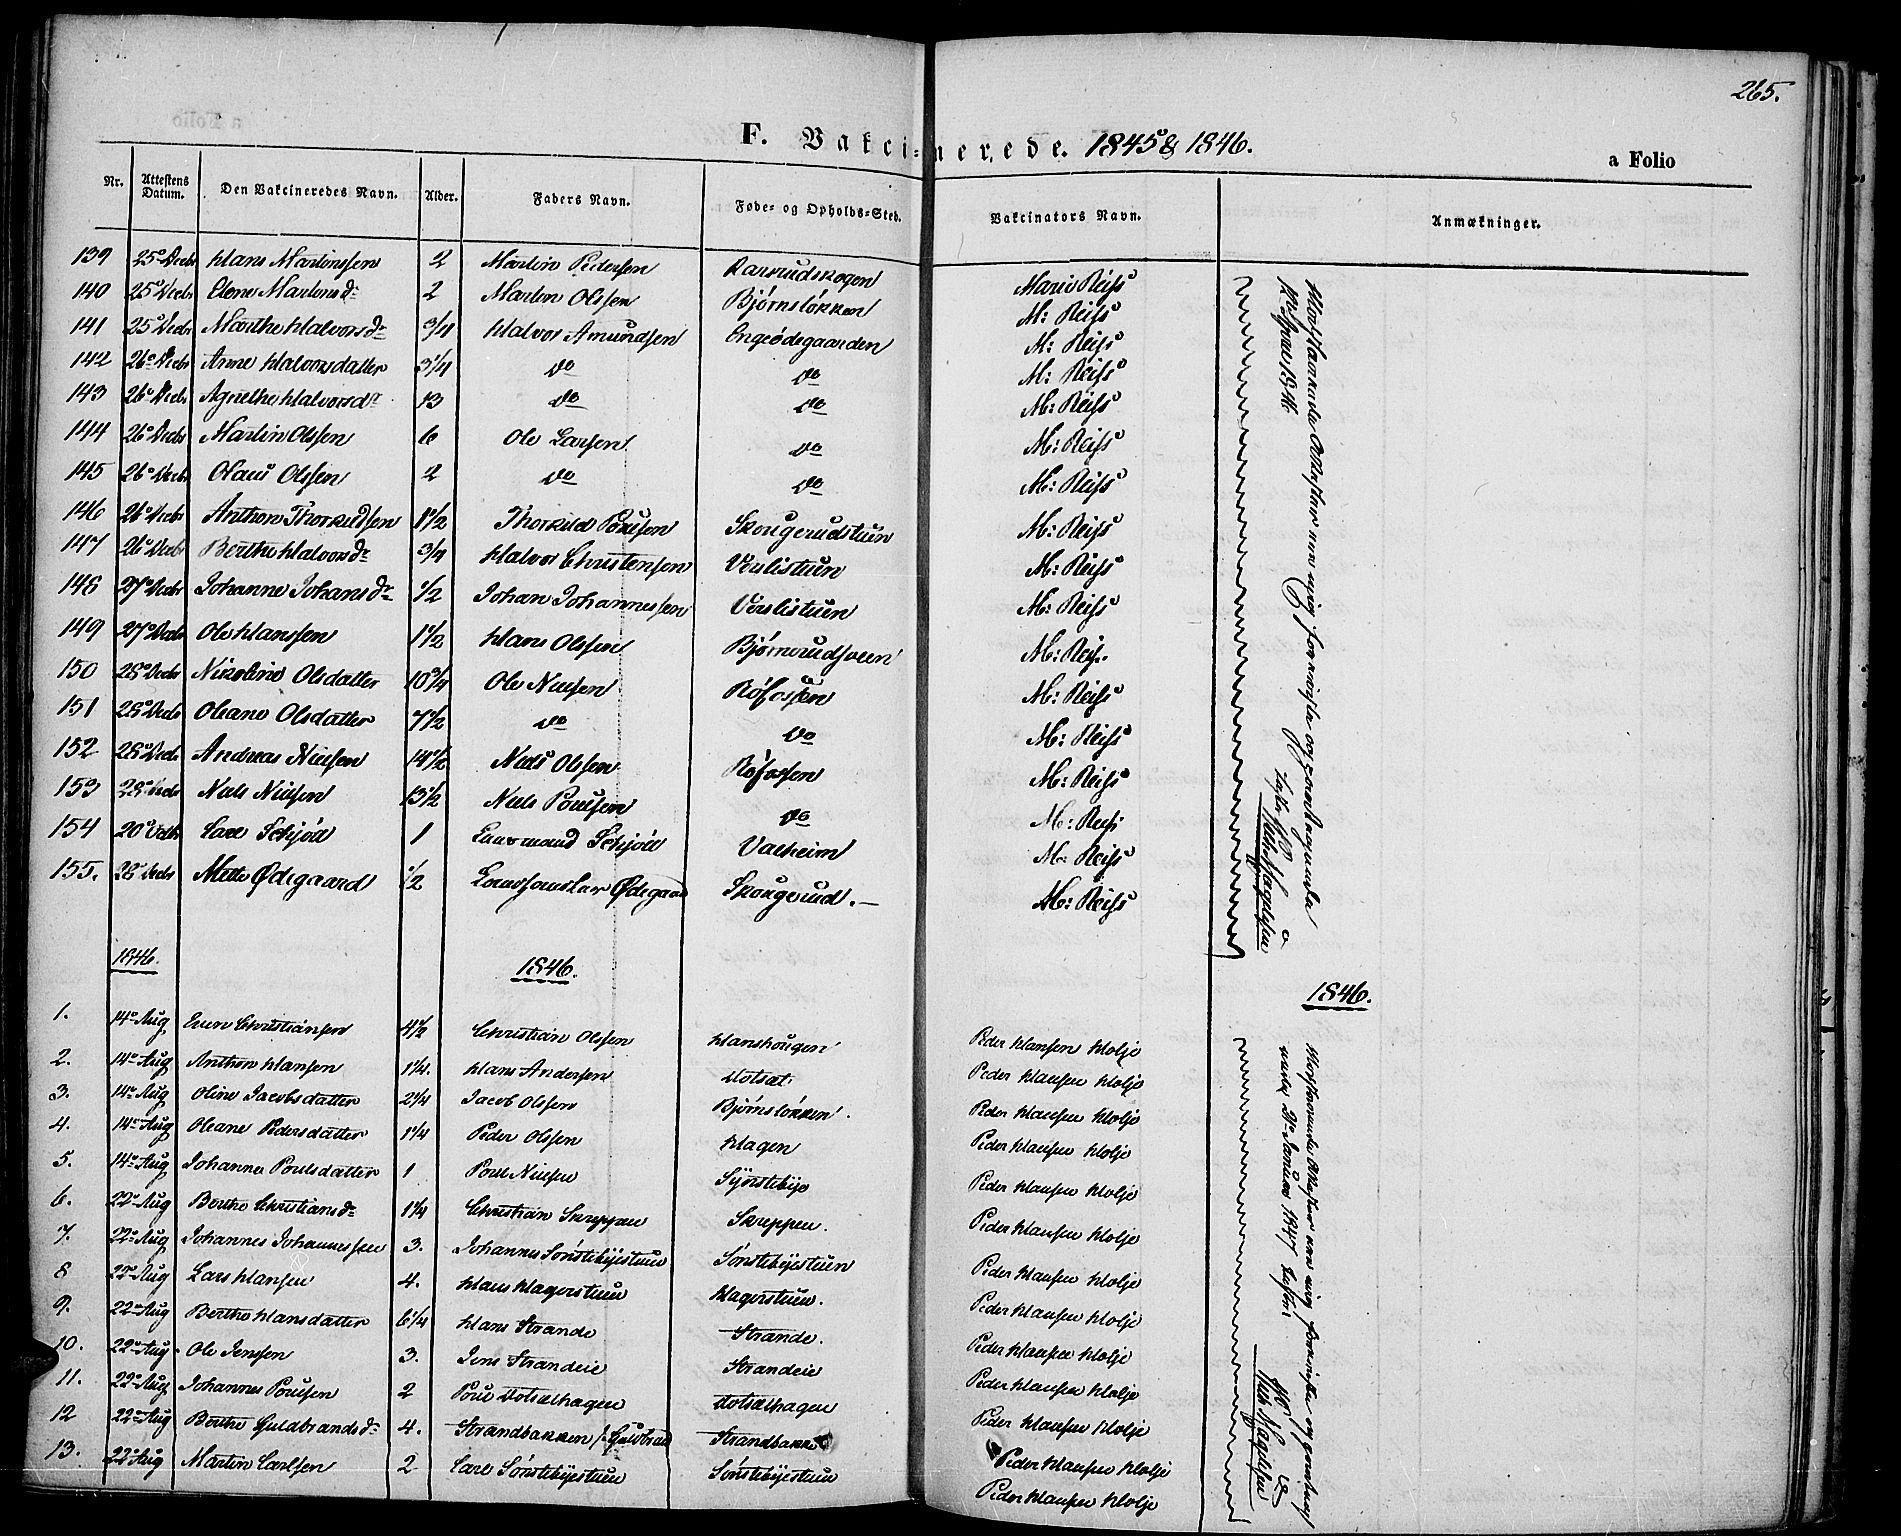 SAH, Vestre Toten prestekontor, Ministerialbok nr. 4, 1844-1849, s. 265